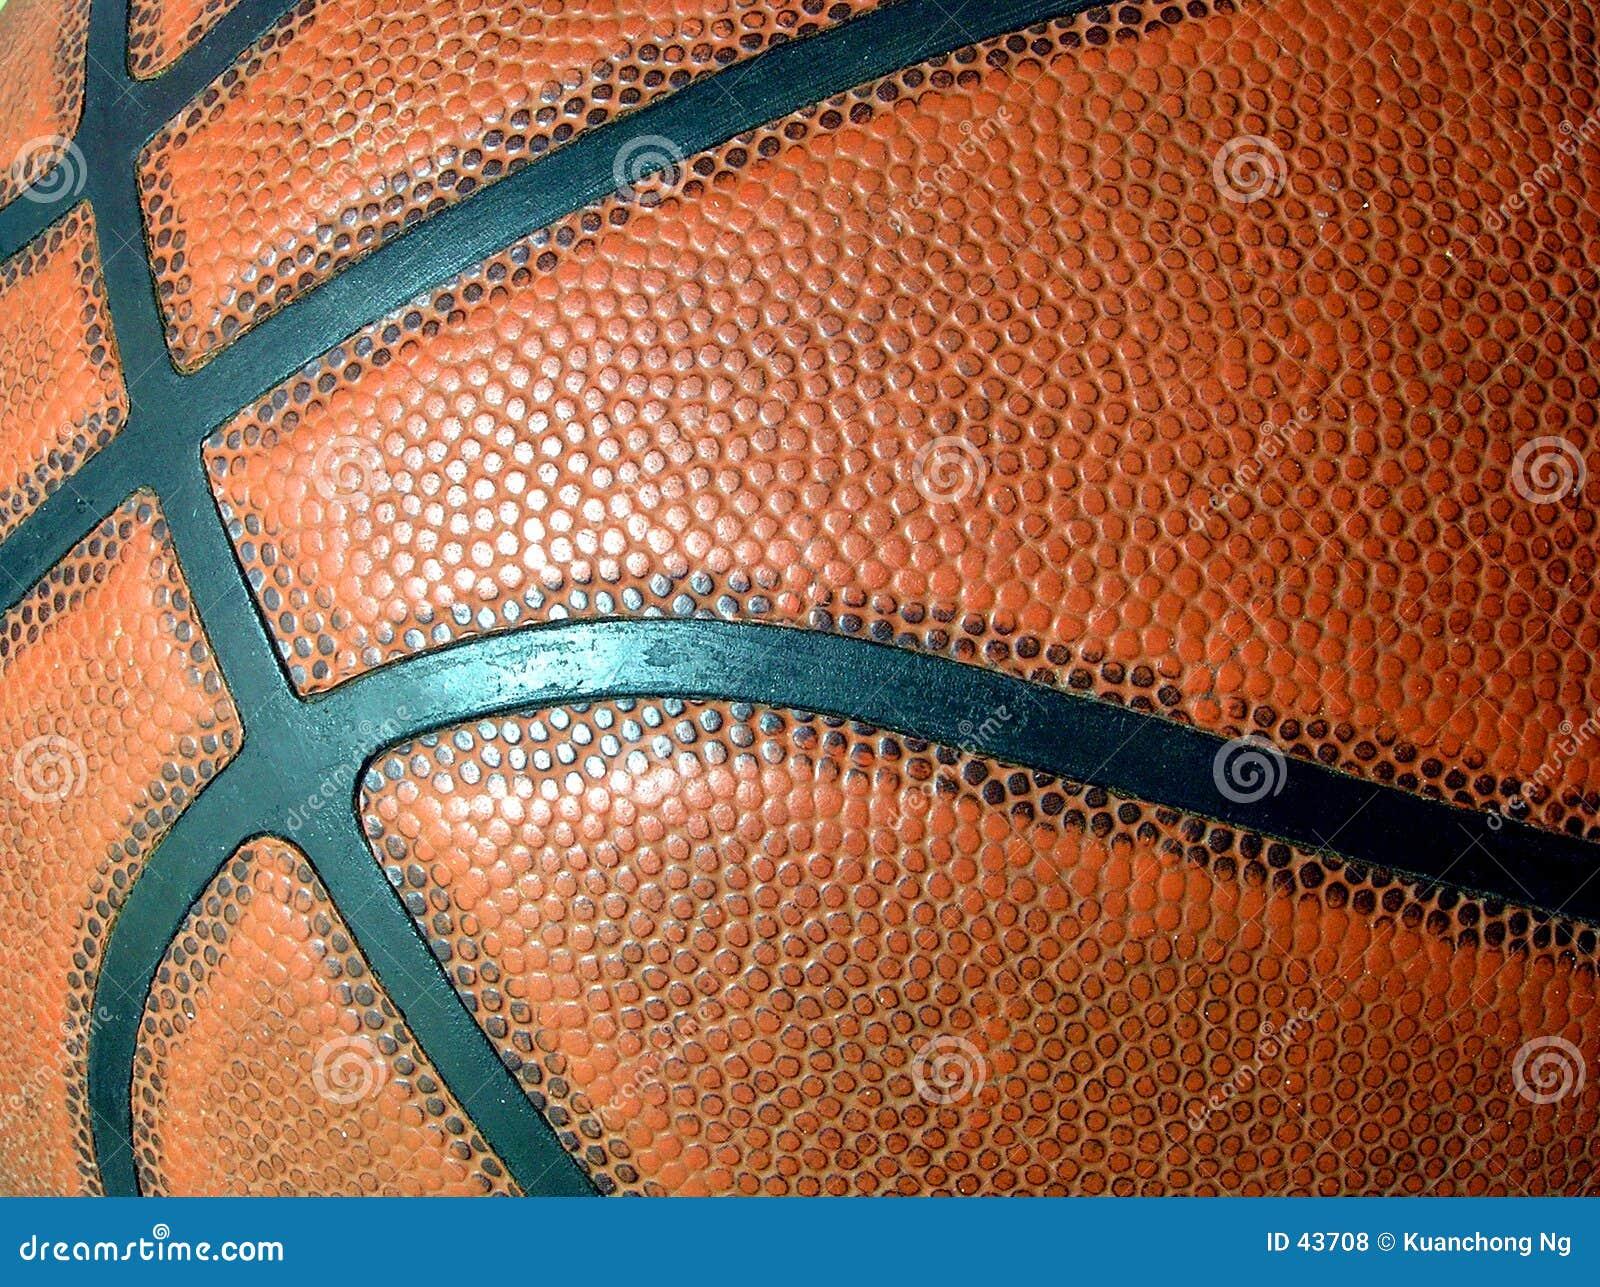 Download Primer del baloncesto foto de archivo. Imagen de deporte - 43708